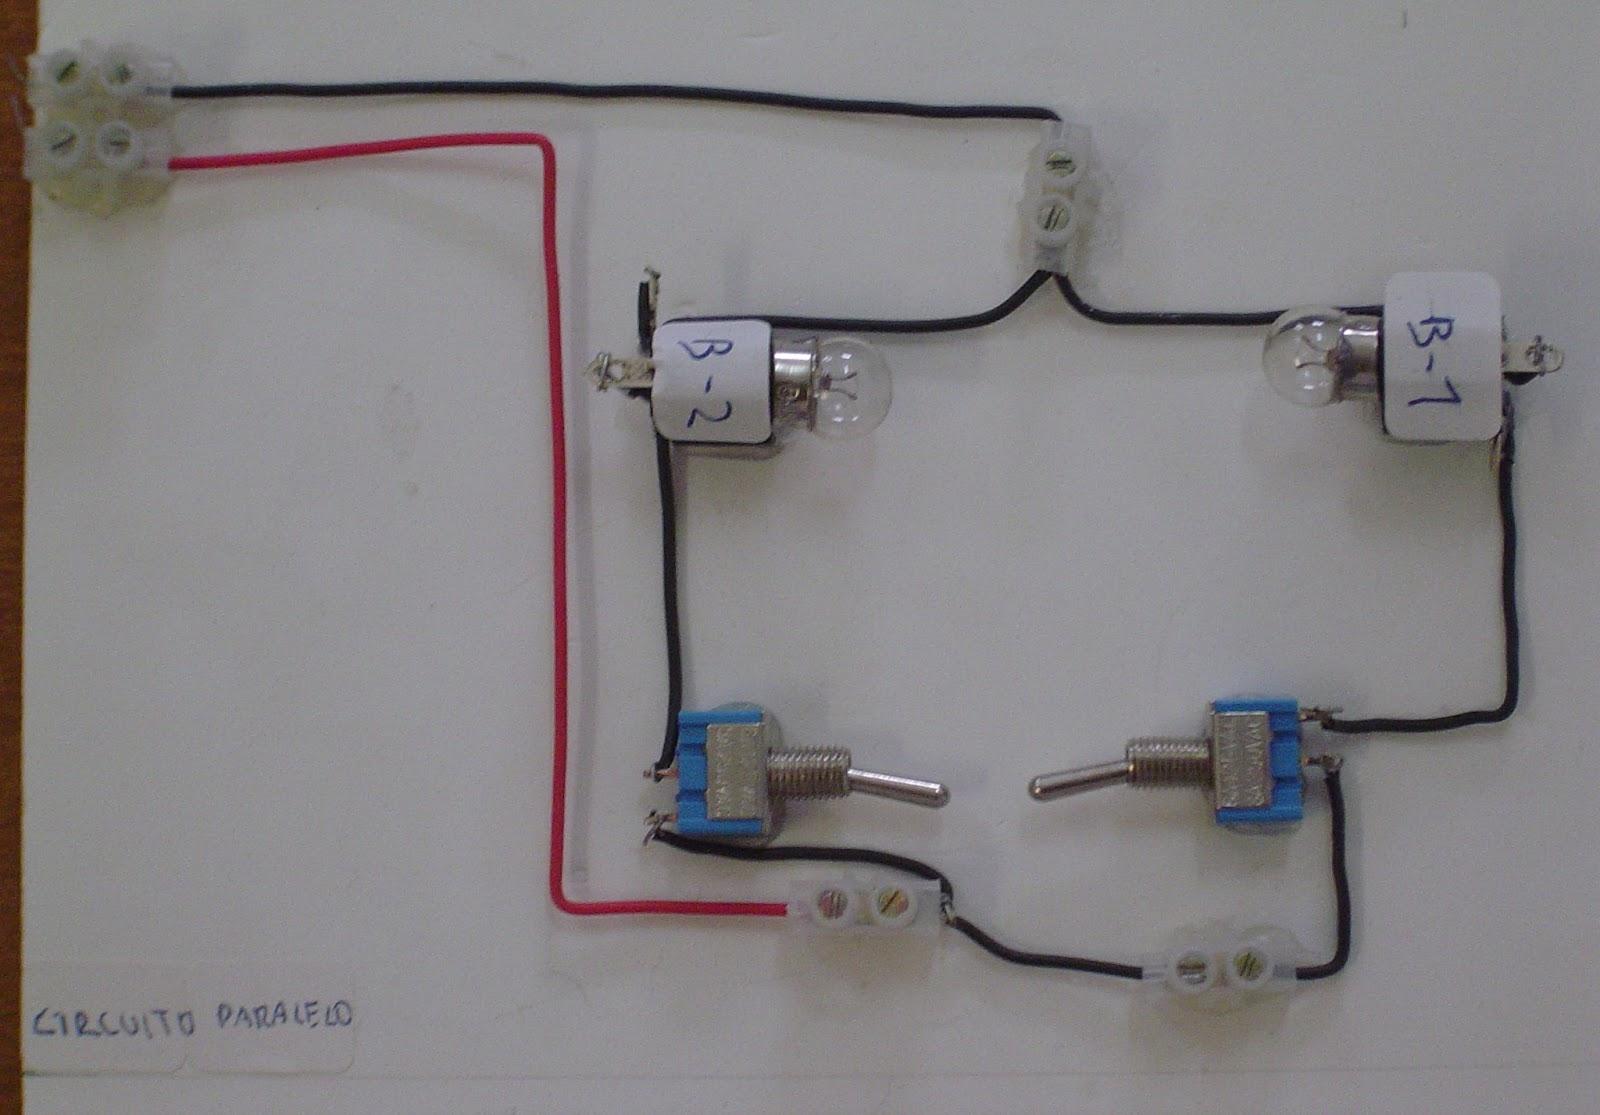 Circuito En Serie : Mantenimiento de computadores y redes circuito elÉctrico en